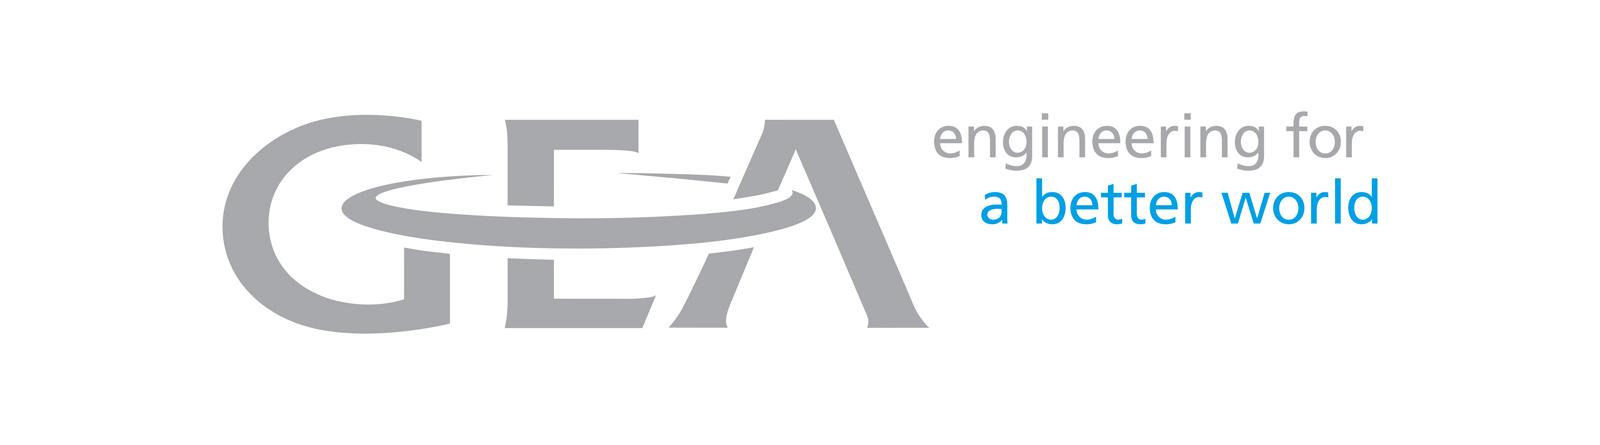 GEA-logo